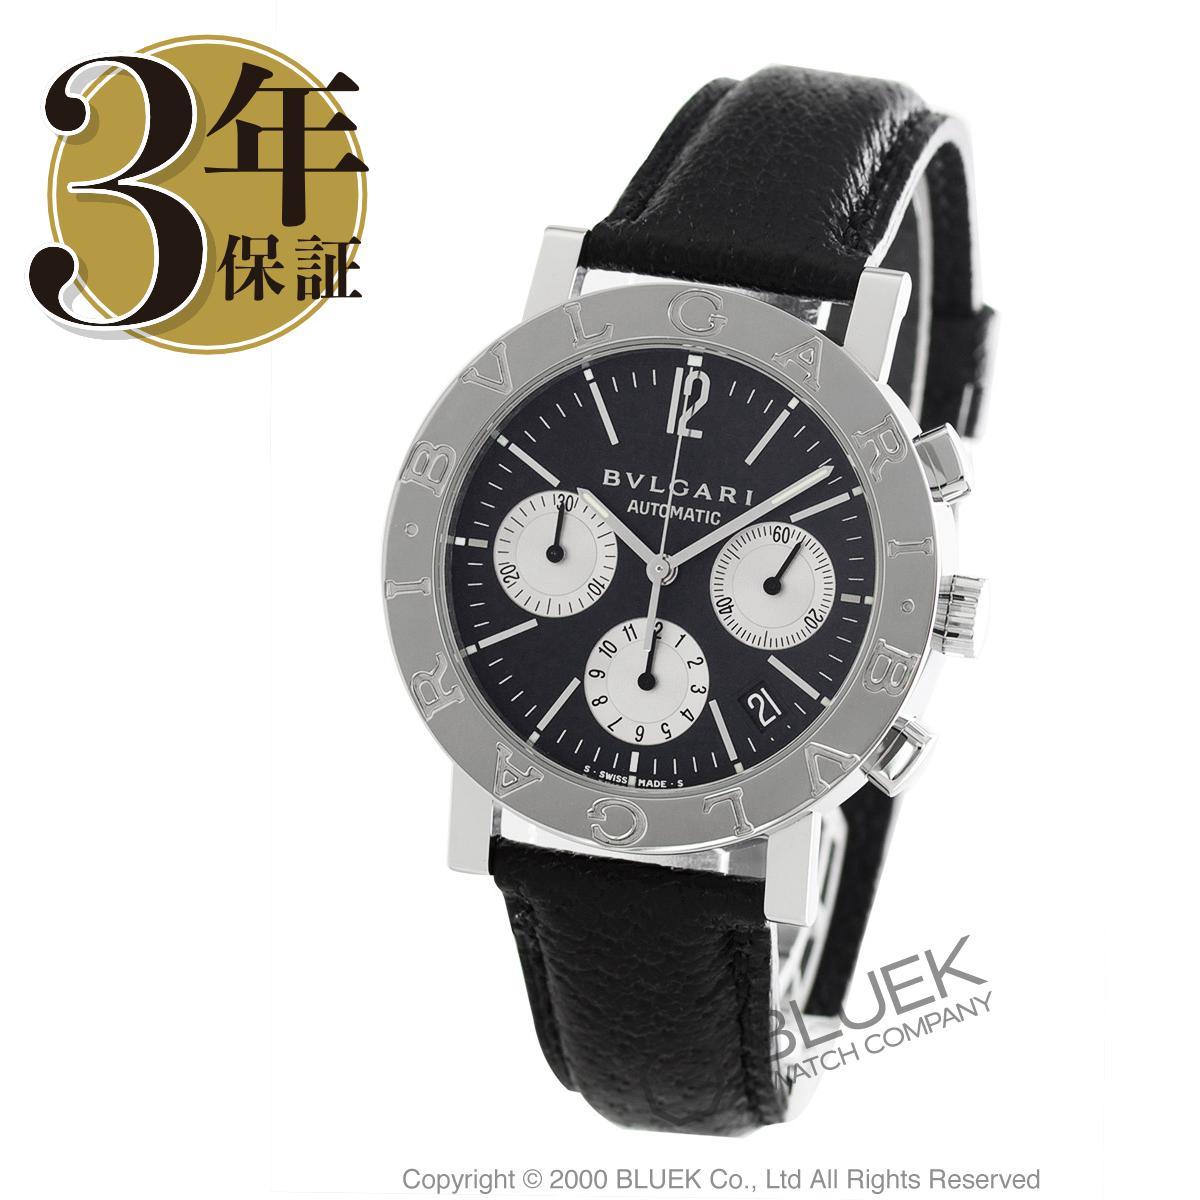 ブルガリ ブルガリブルガリ クロノグラフ 腕時計 メンズ BVLGARI BB38SLDCH_8